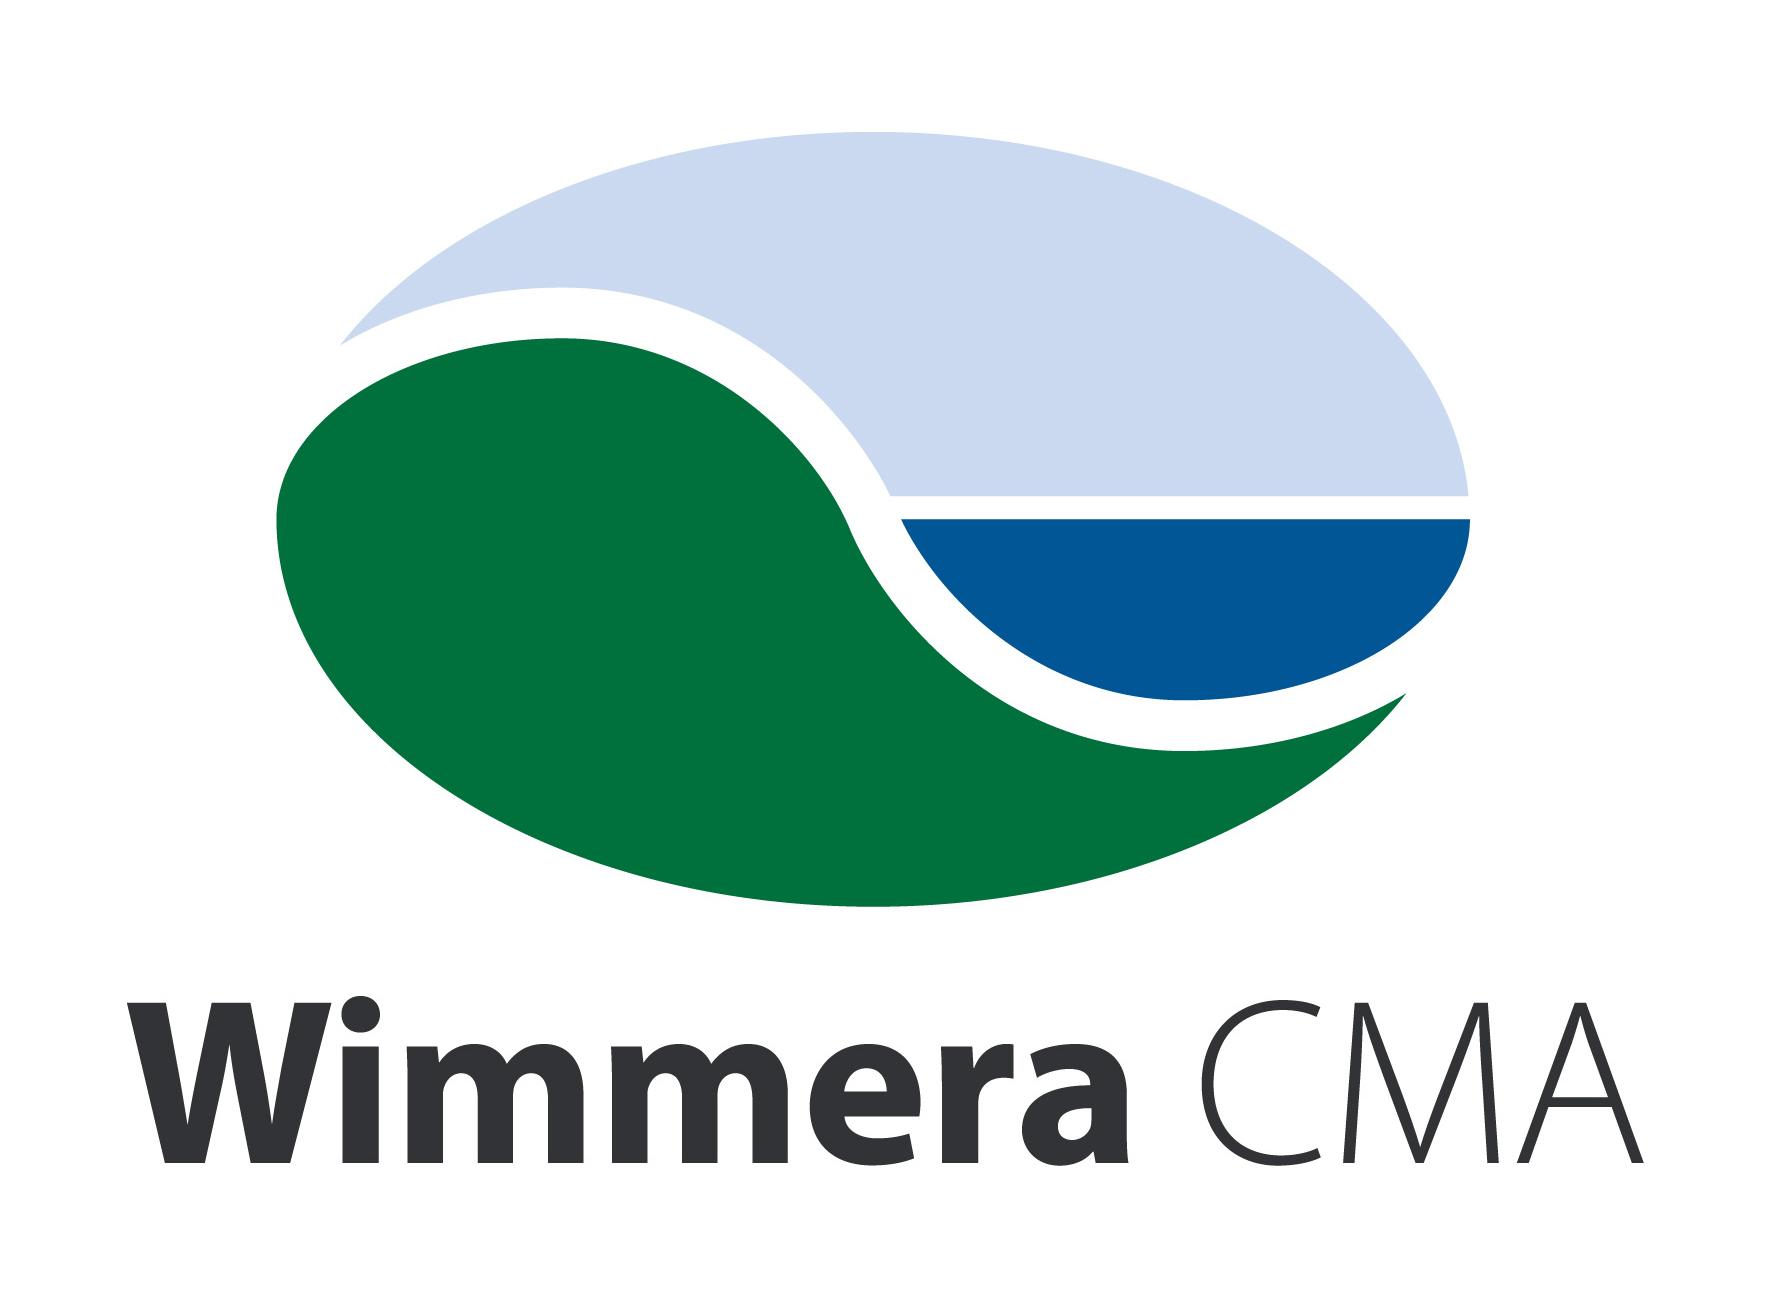 wimmera-cma